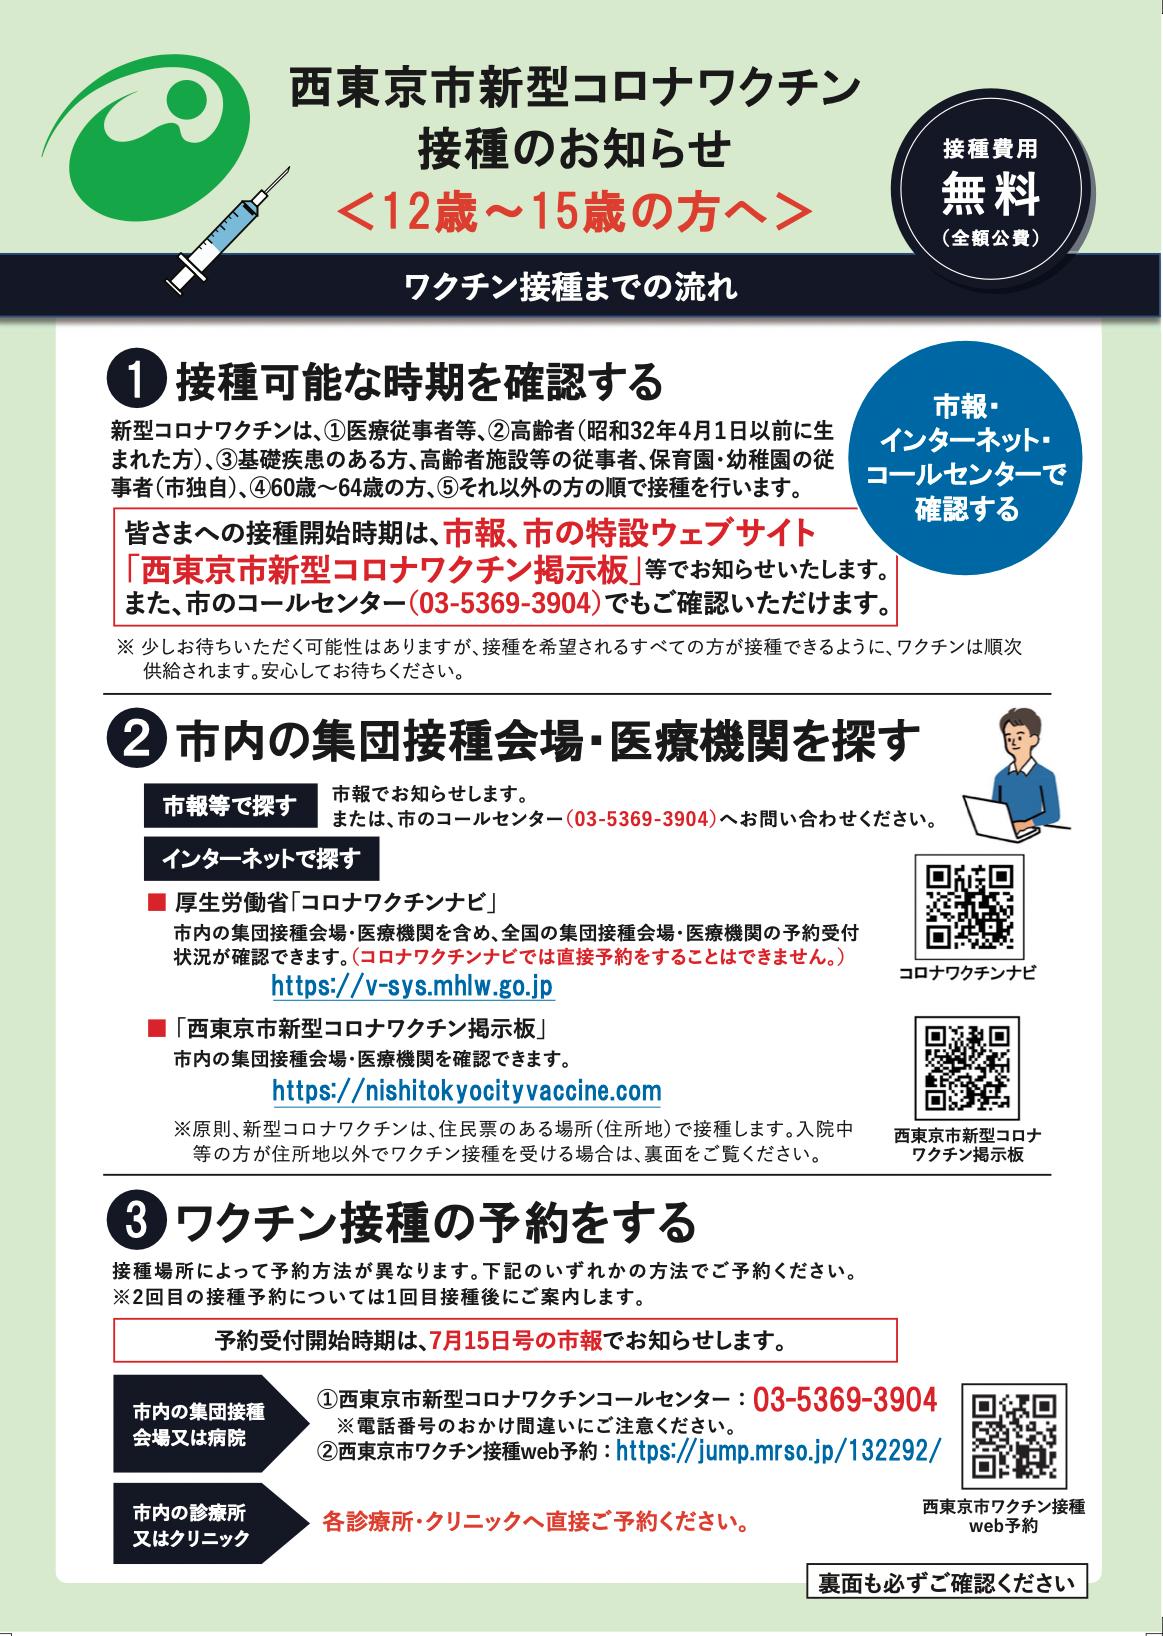 西東京市新型コロナワクチン接種のお知らせ(12歳〜15歳の方)